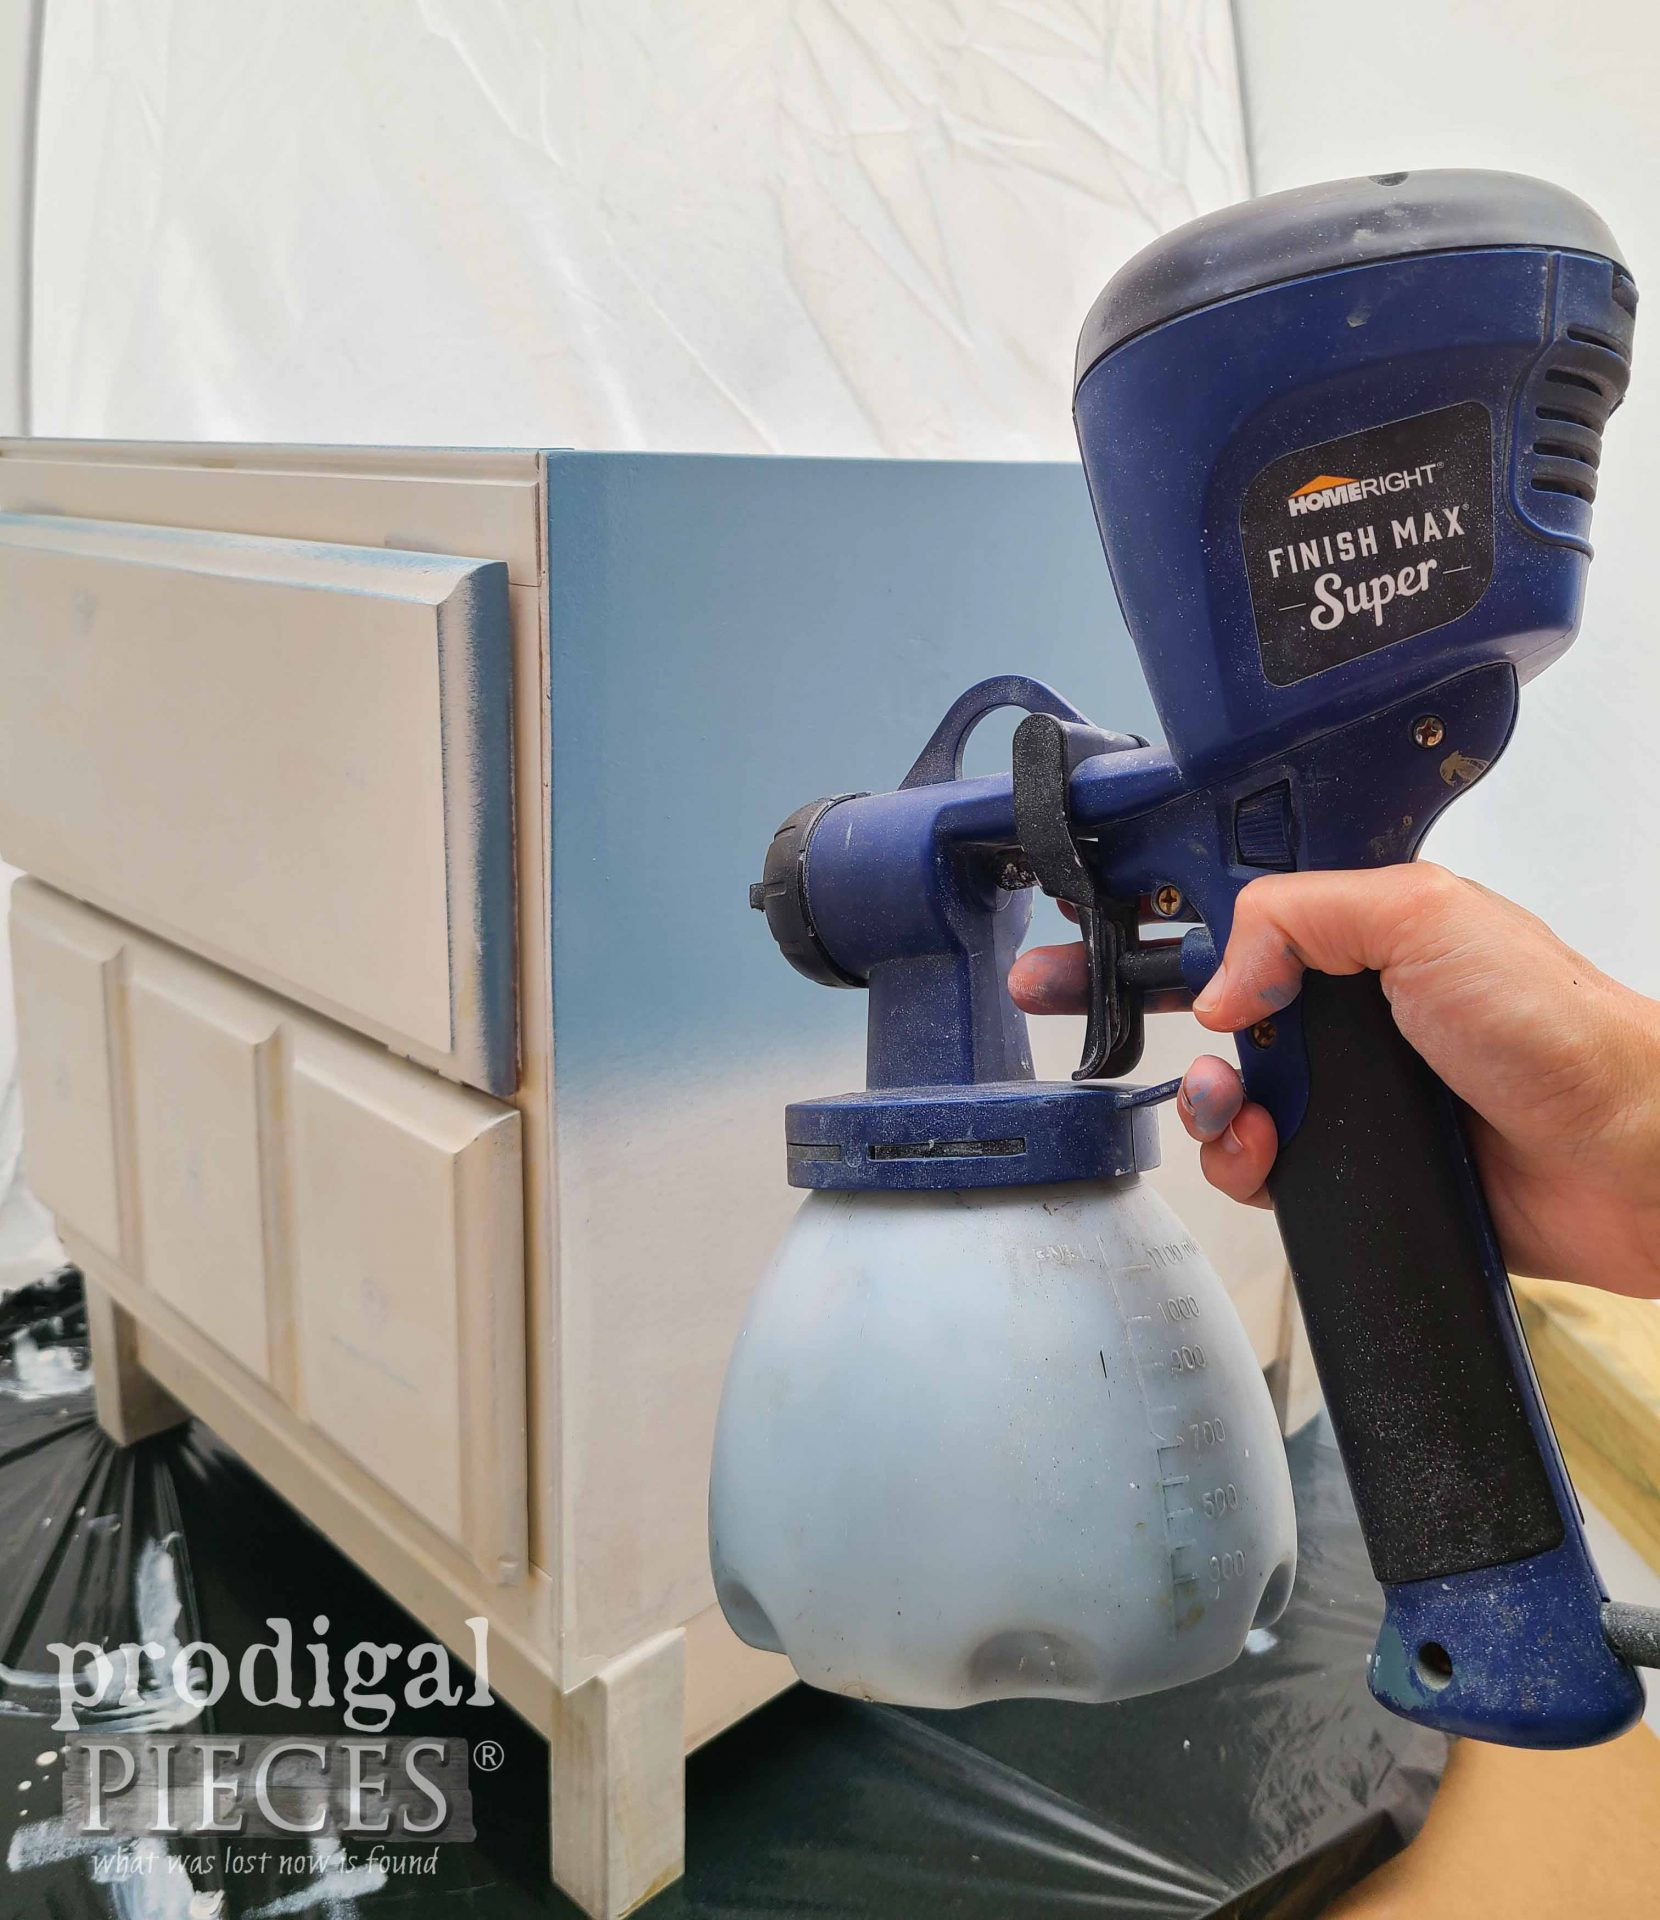 HomeRight Super Finish Max Extra Sprayer   prodigalpieces.com